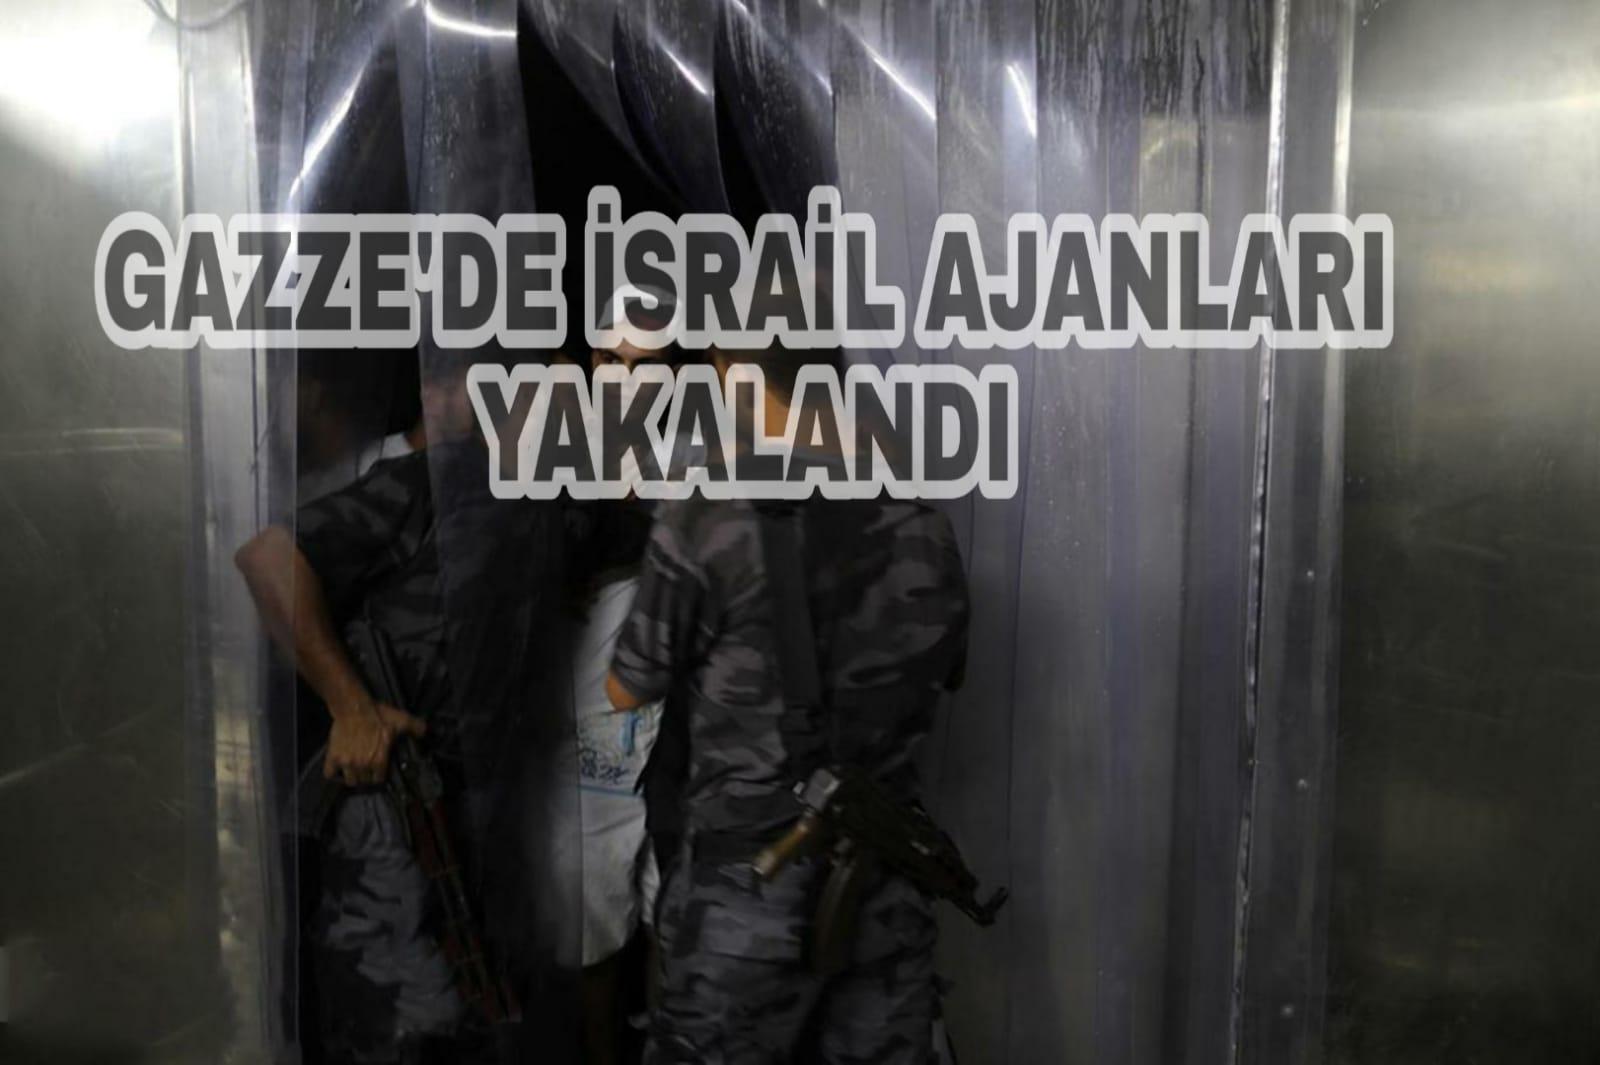 Gazze'de İsrail ajanları yakalandı